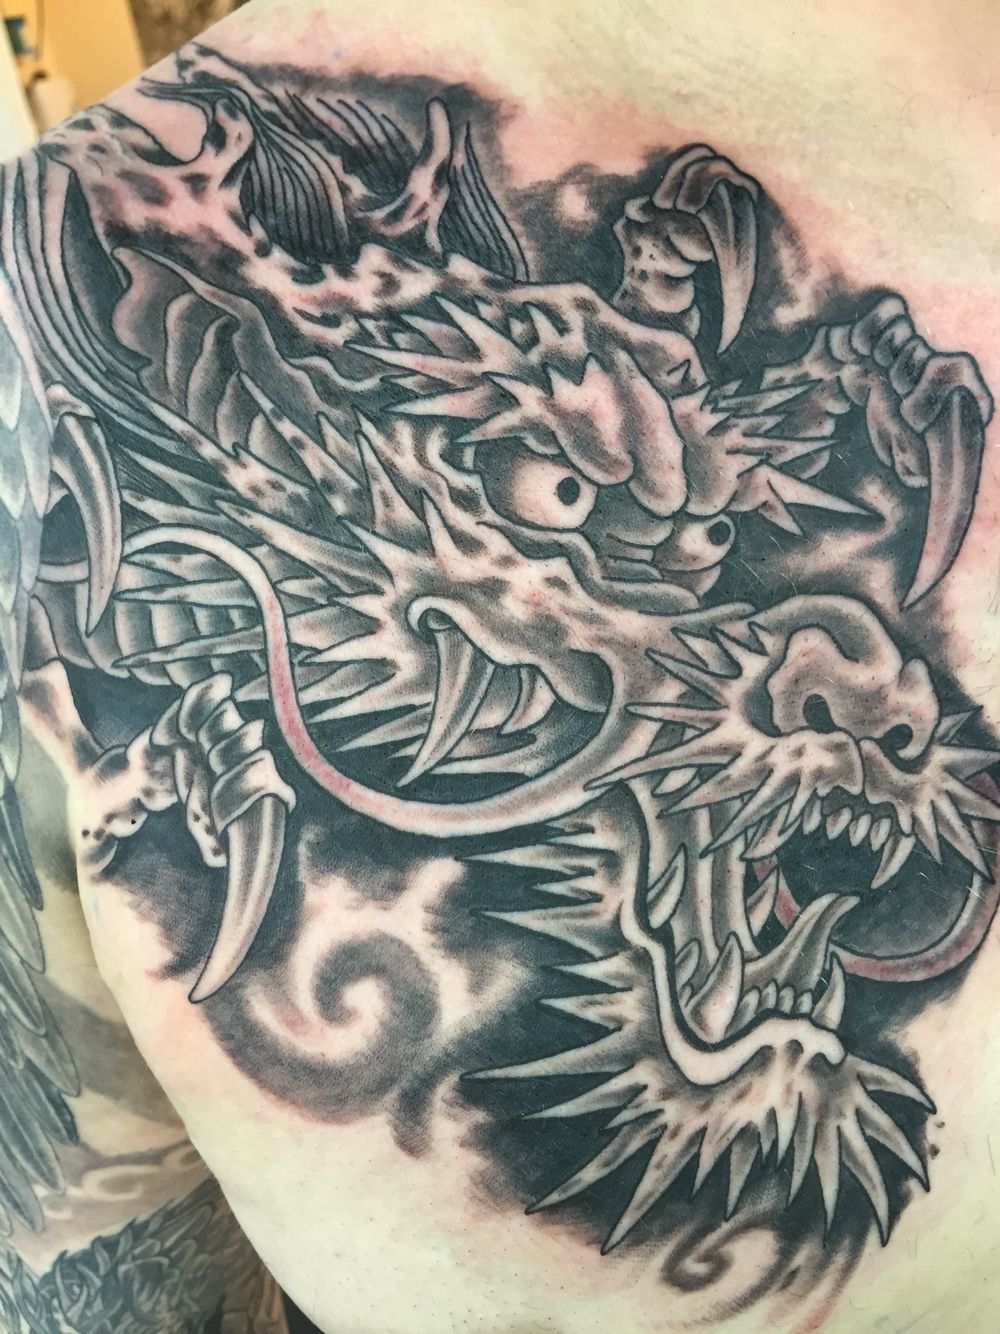 Cabezas De Dragones Para Tatuar dragon head tattoo | dragones